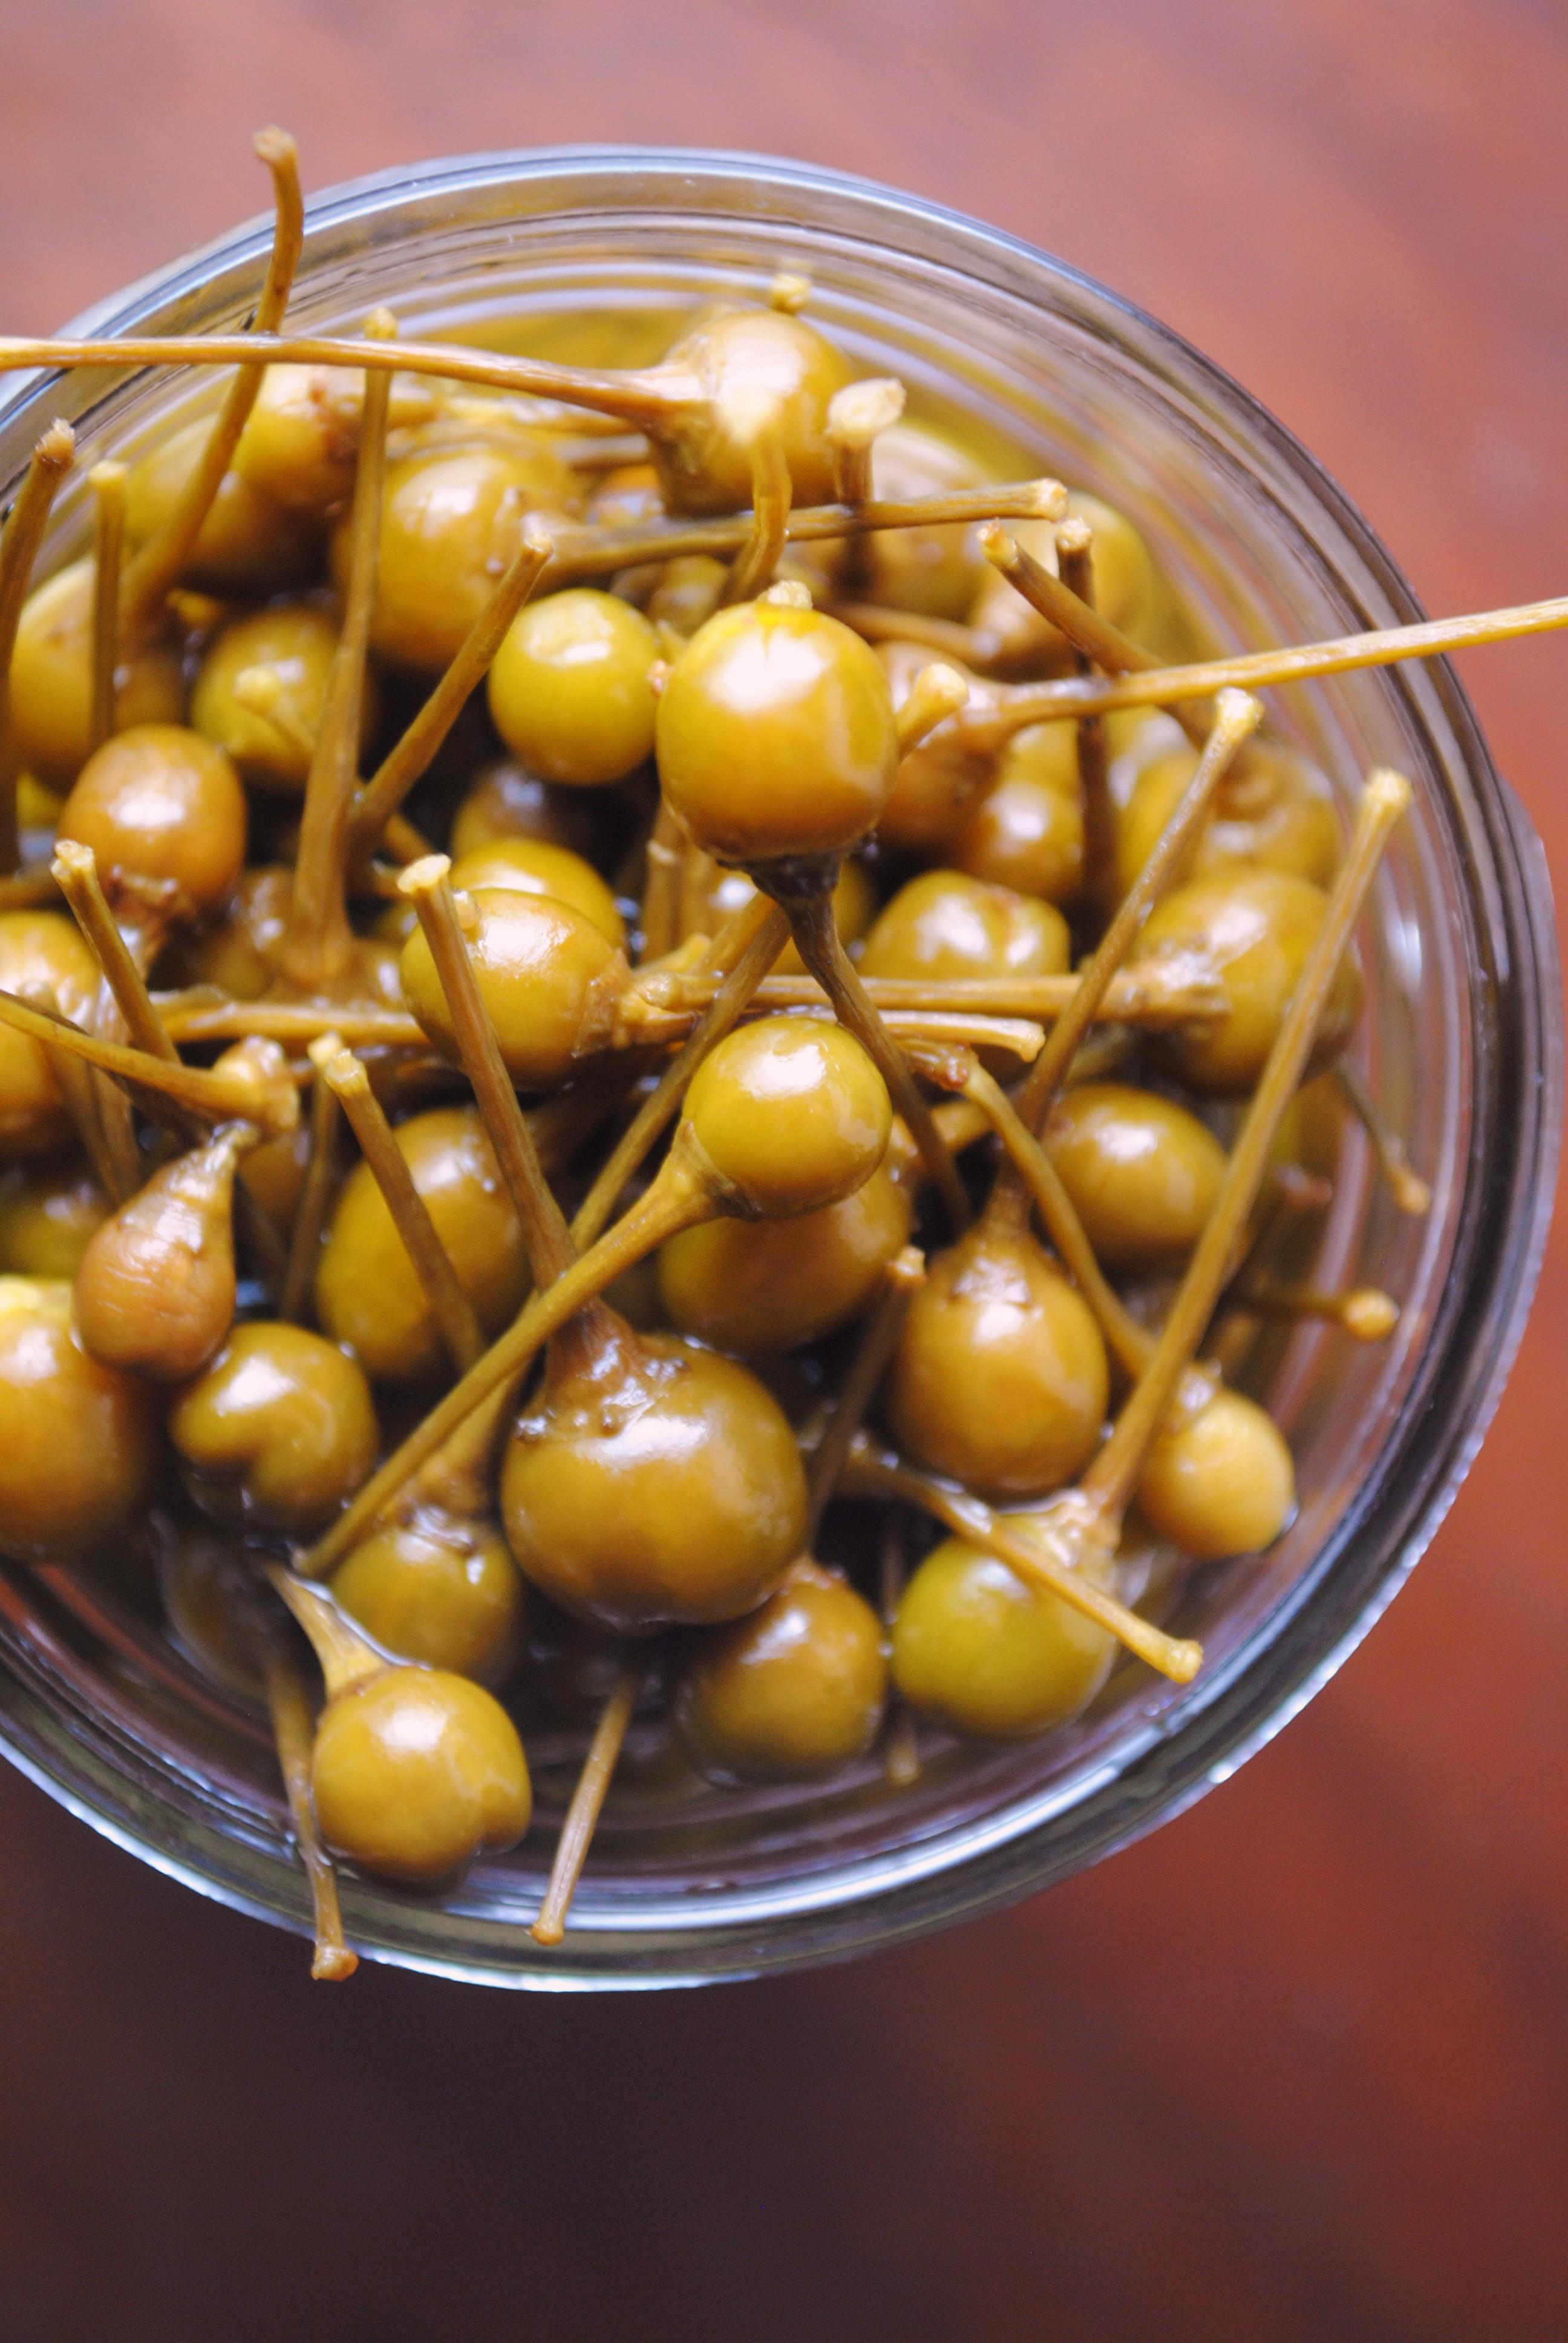 Chile Pequ 237 N En Escabeche Pickled Pequ 237 Ns